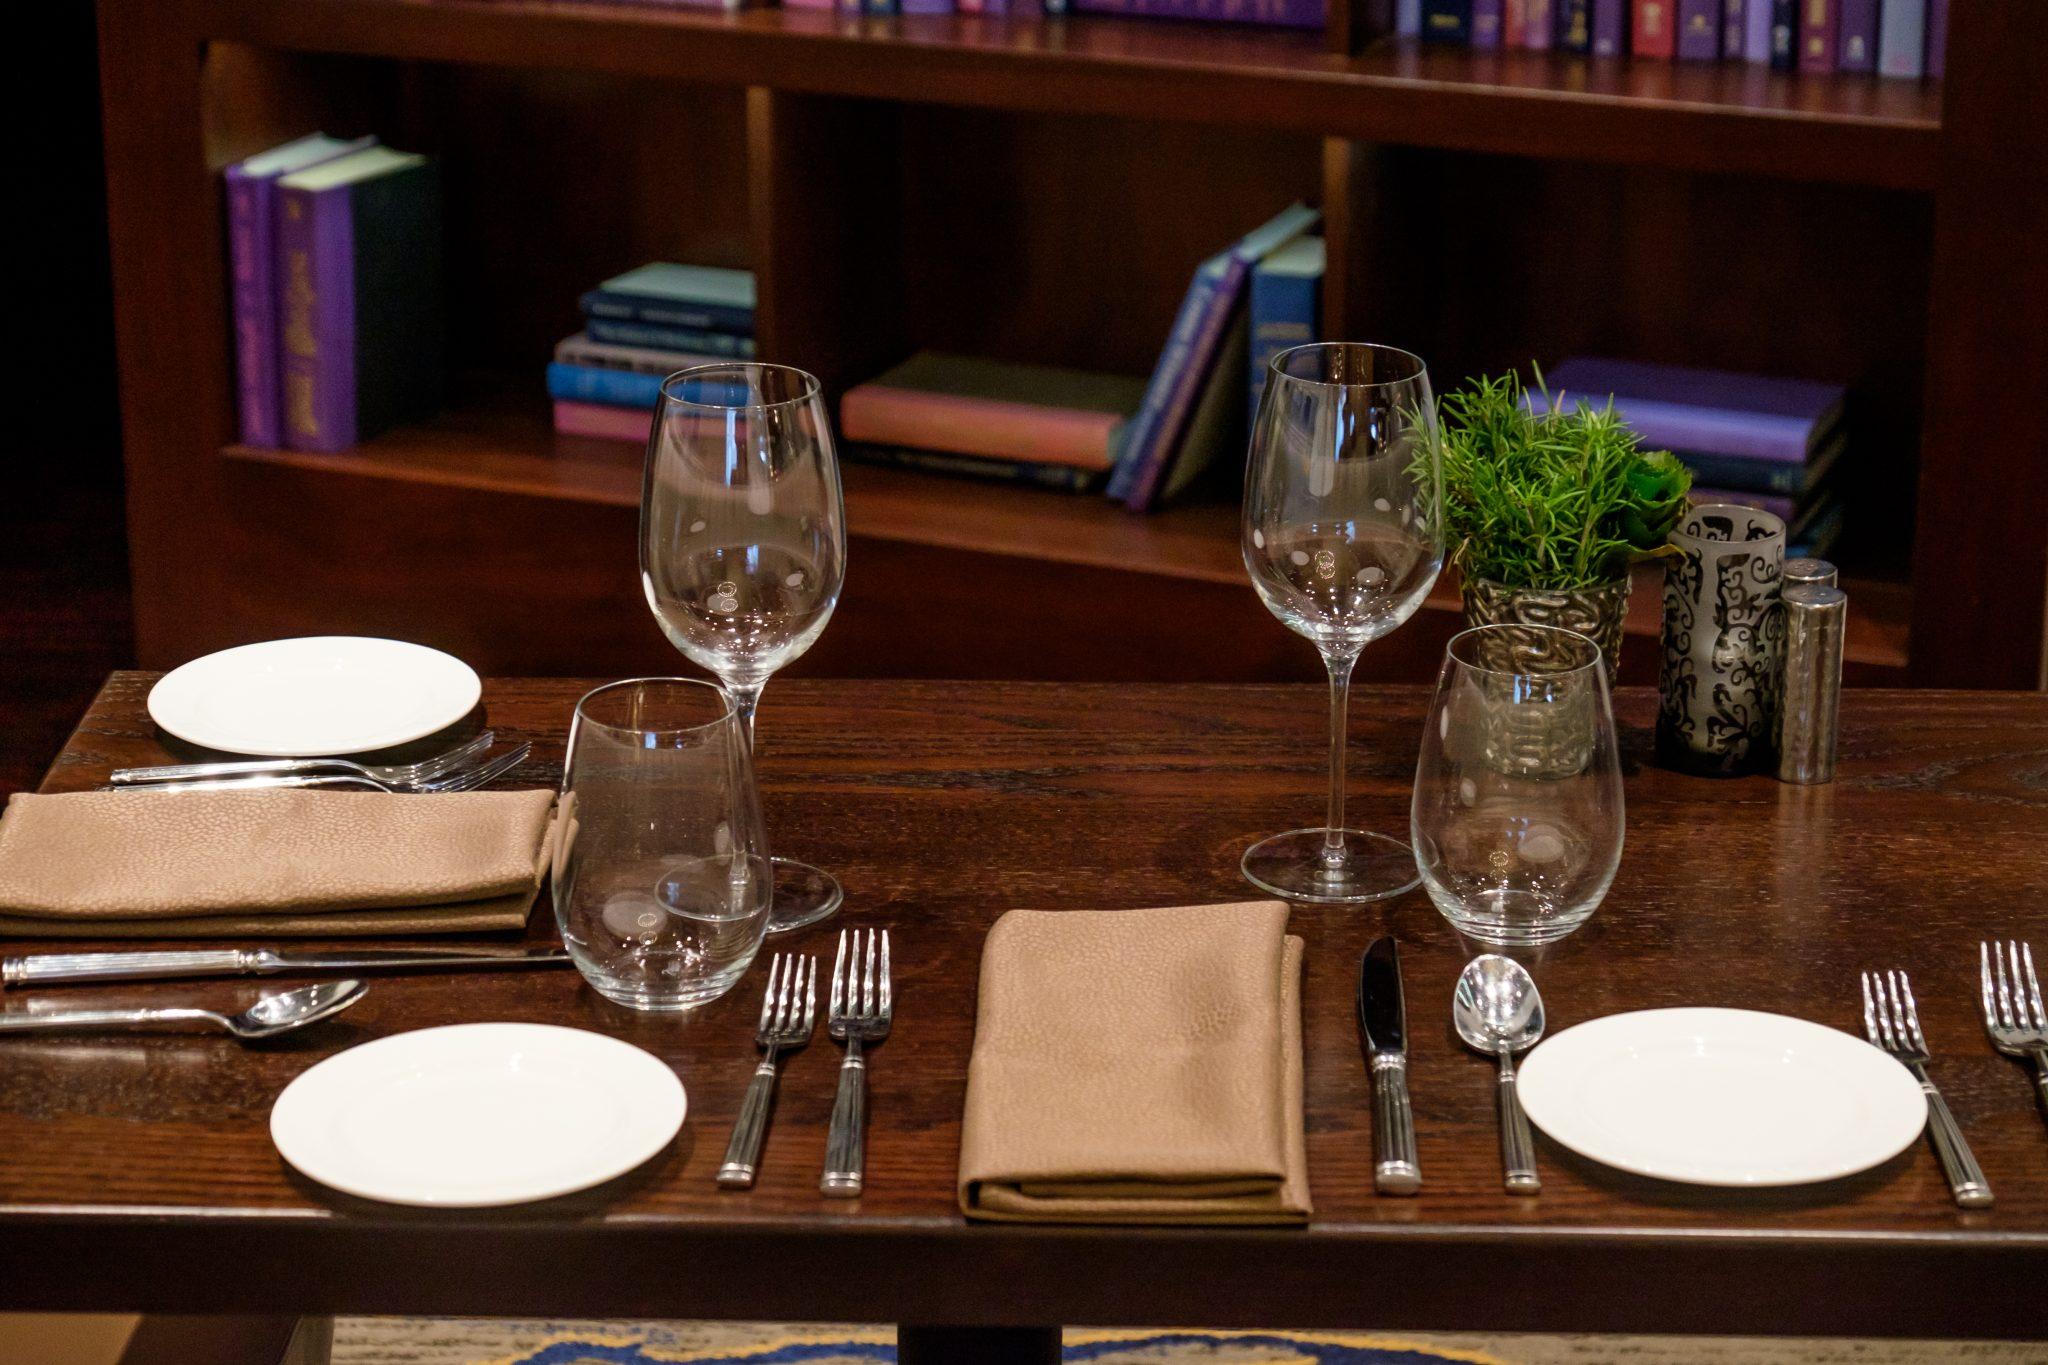 Wine glasses setting